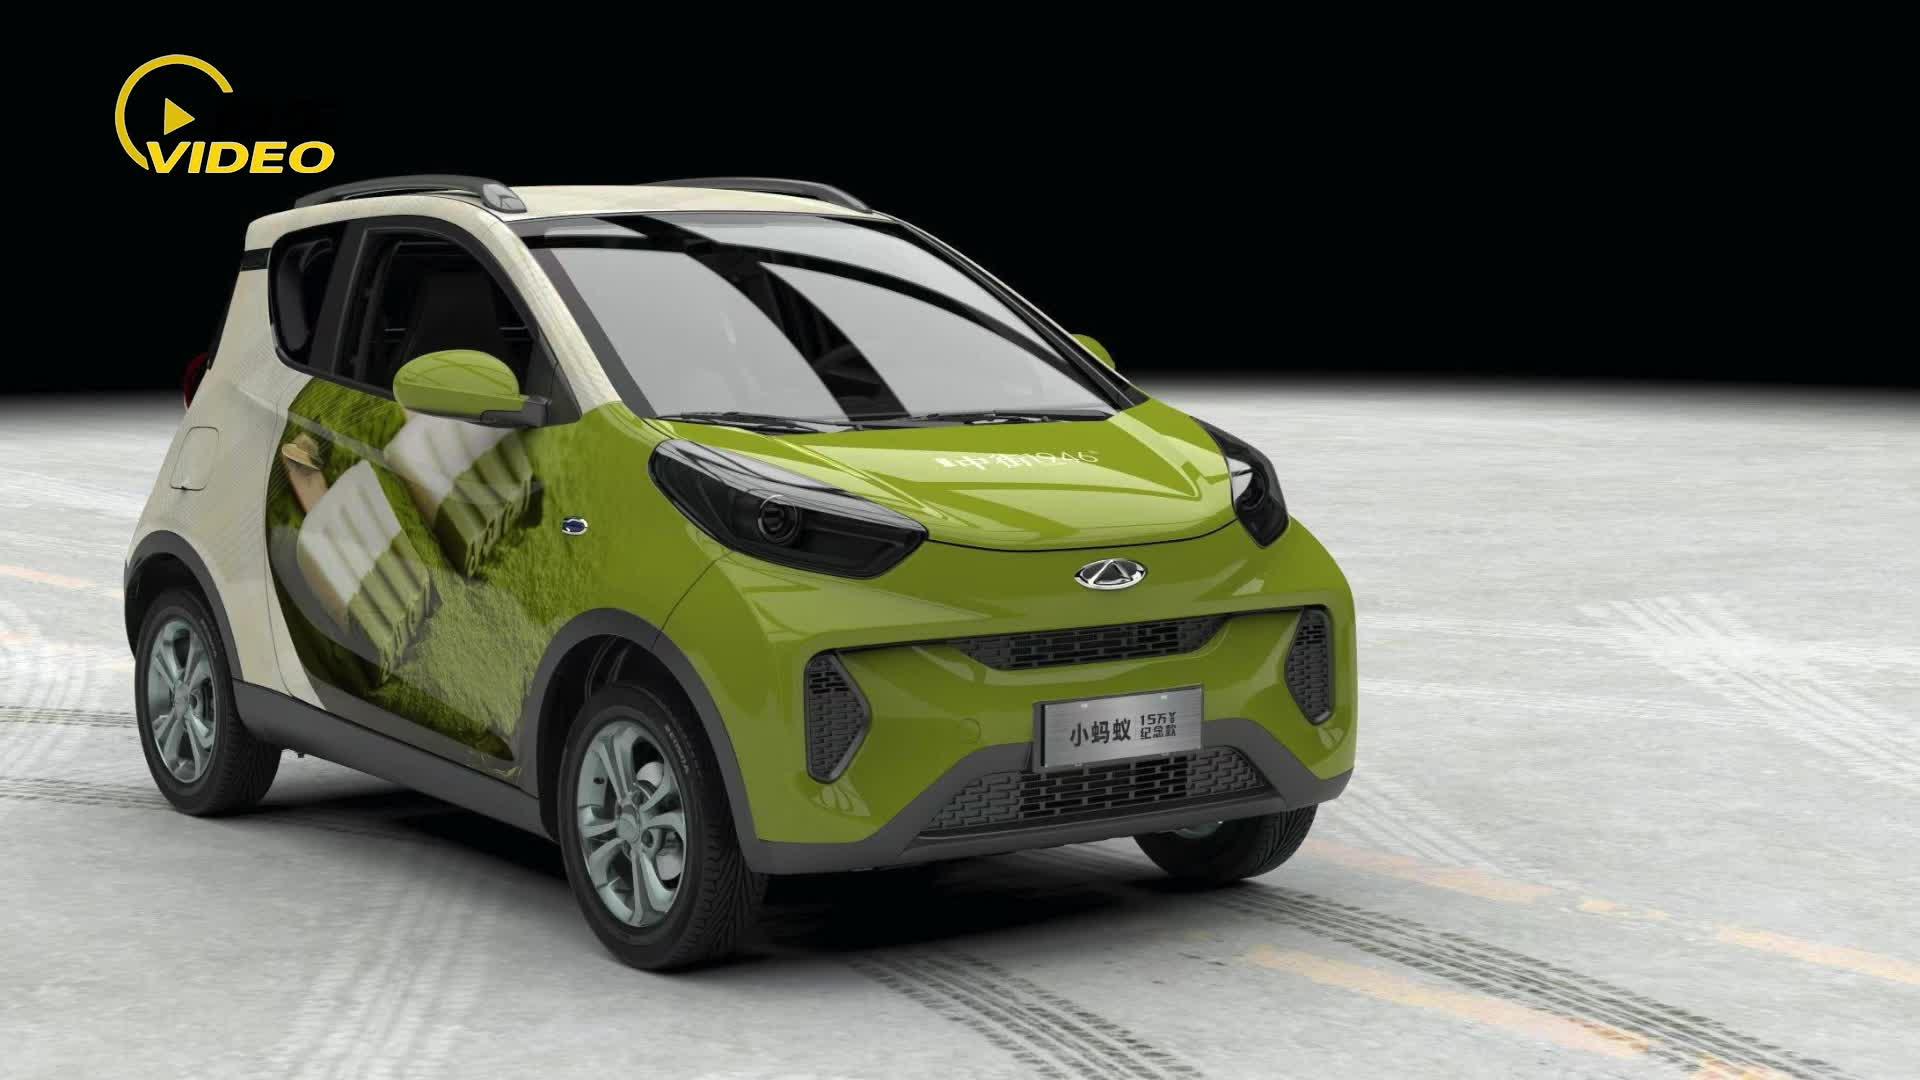 视频:奇瑞小蚂蚁15万纪念款官图发布 车身涂装样式新颖 配浅绿色轮圈